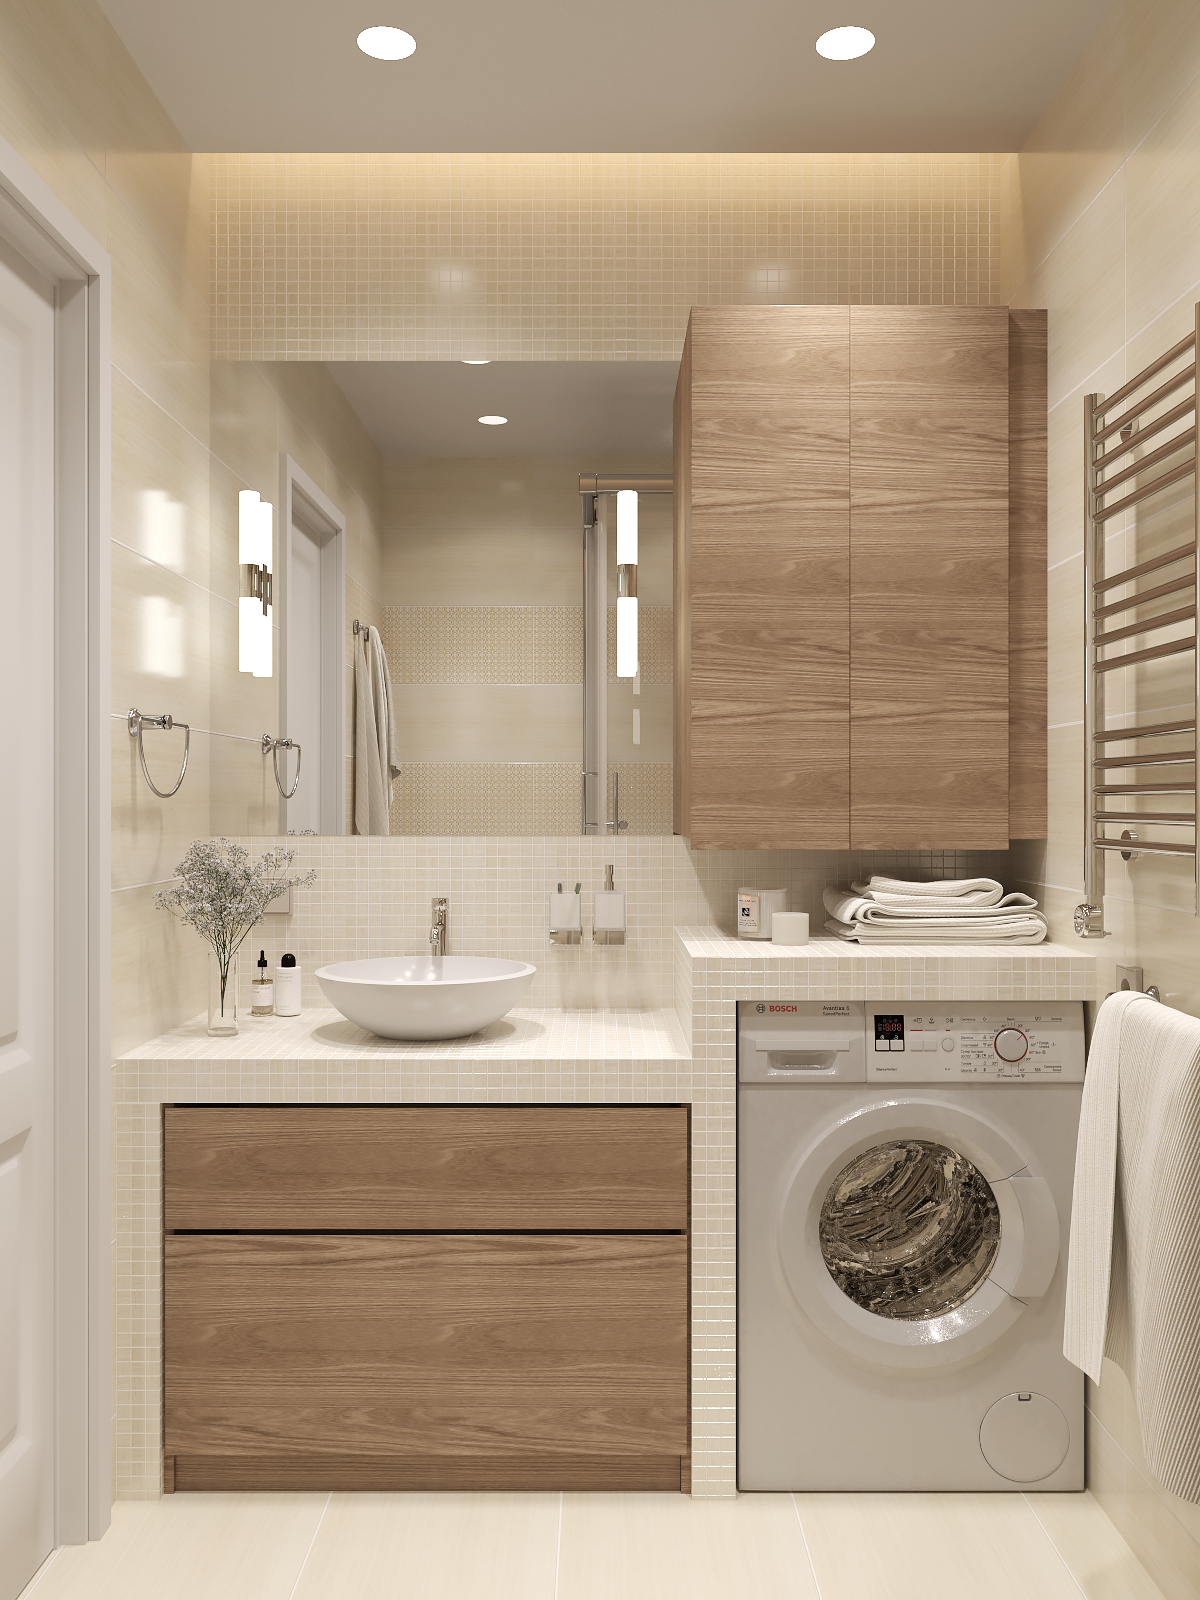 salle de bain machine a laver buanderie